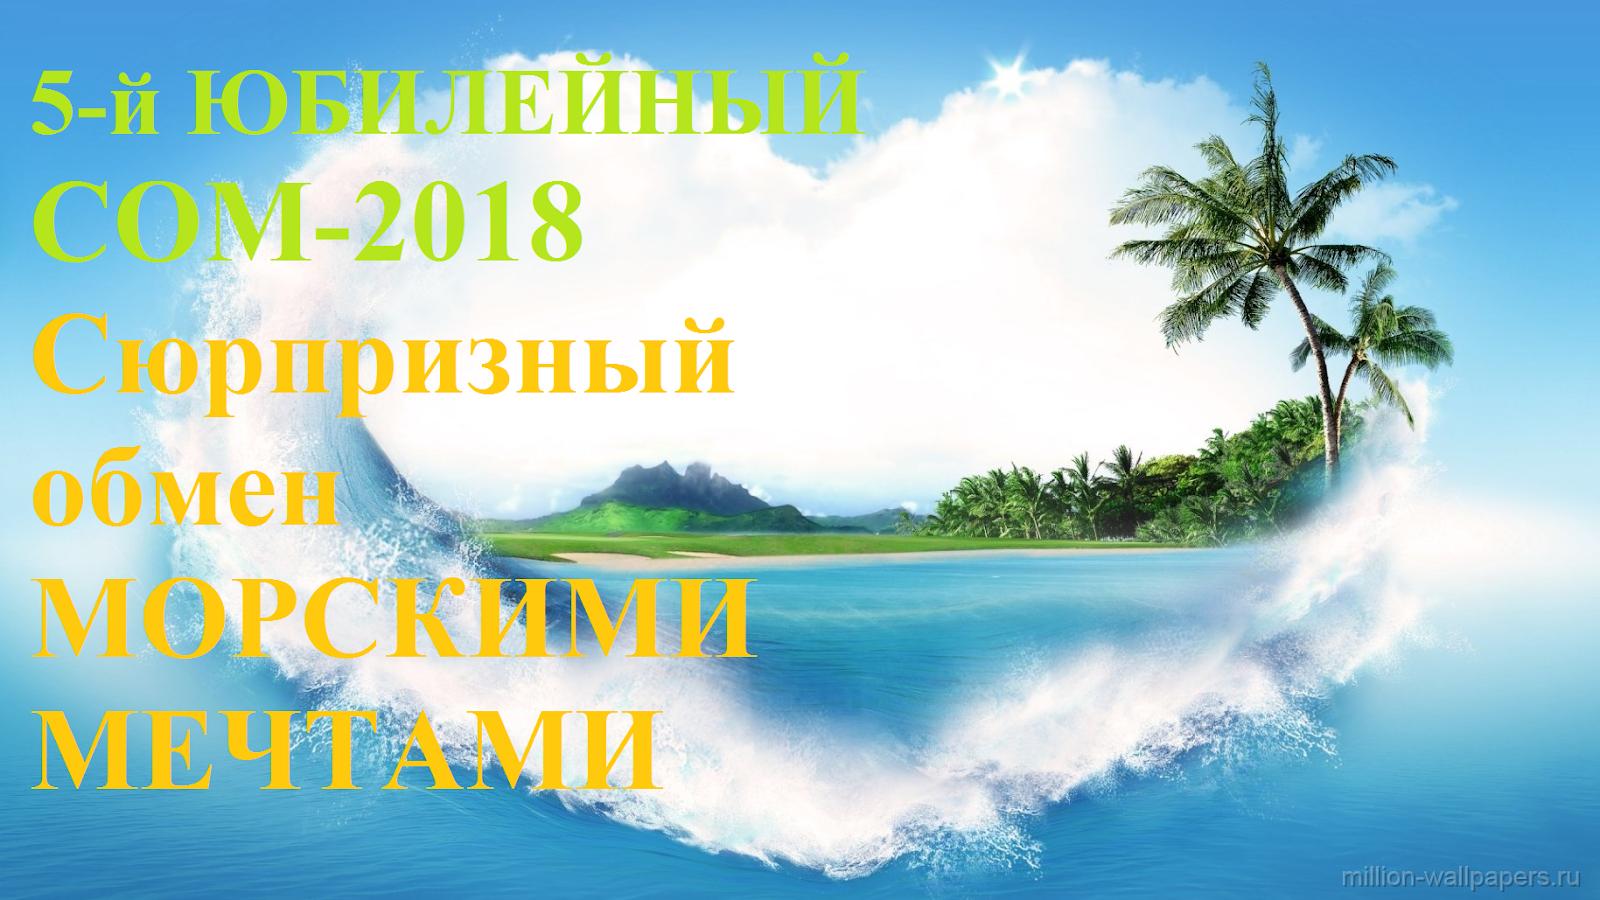 СОМ-2018